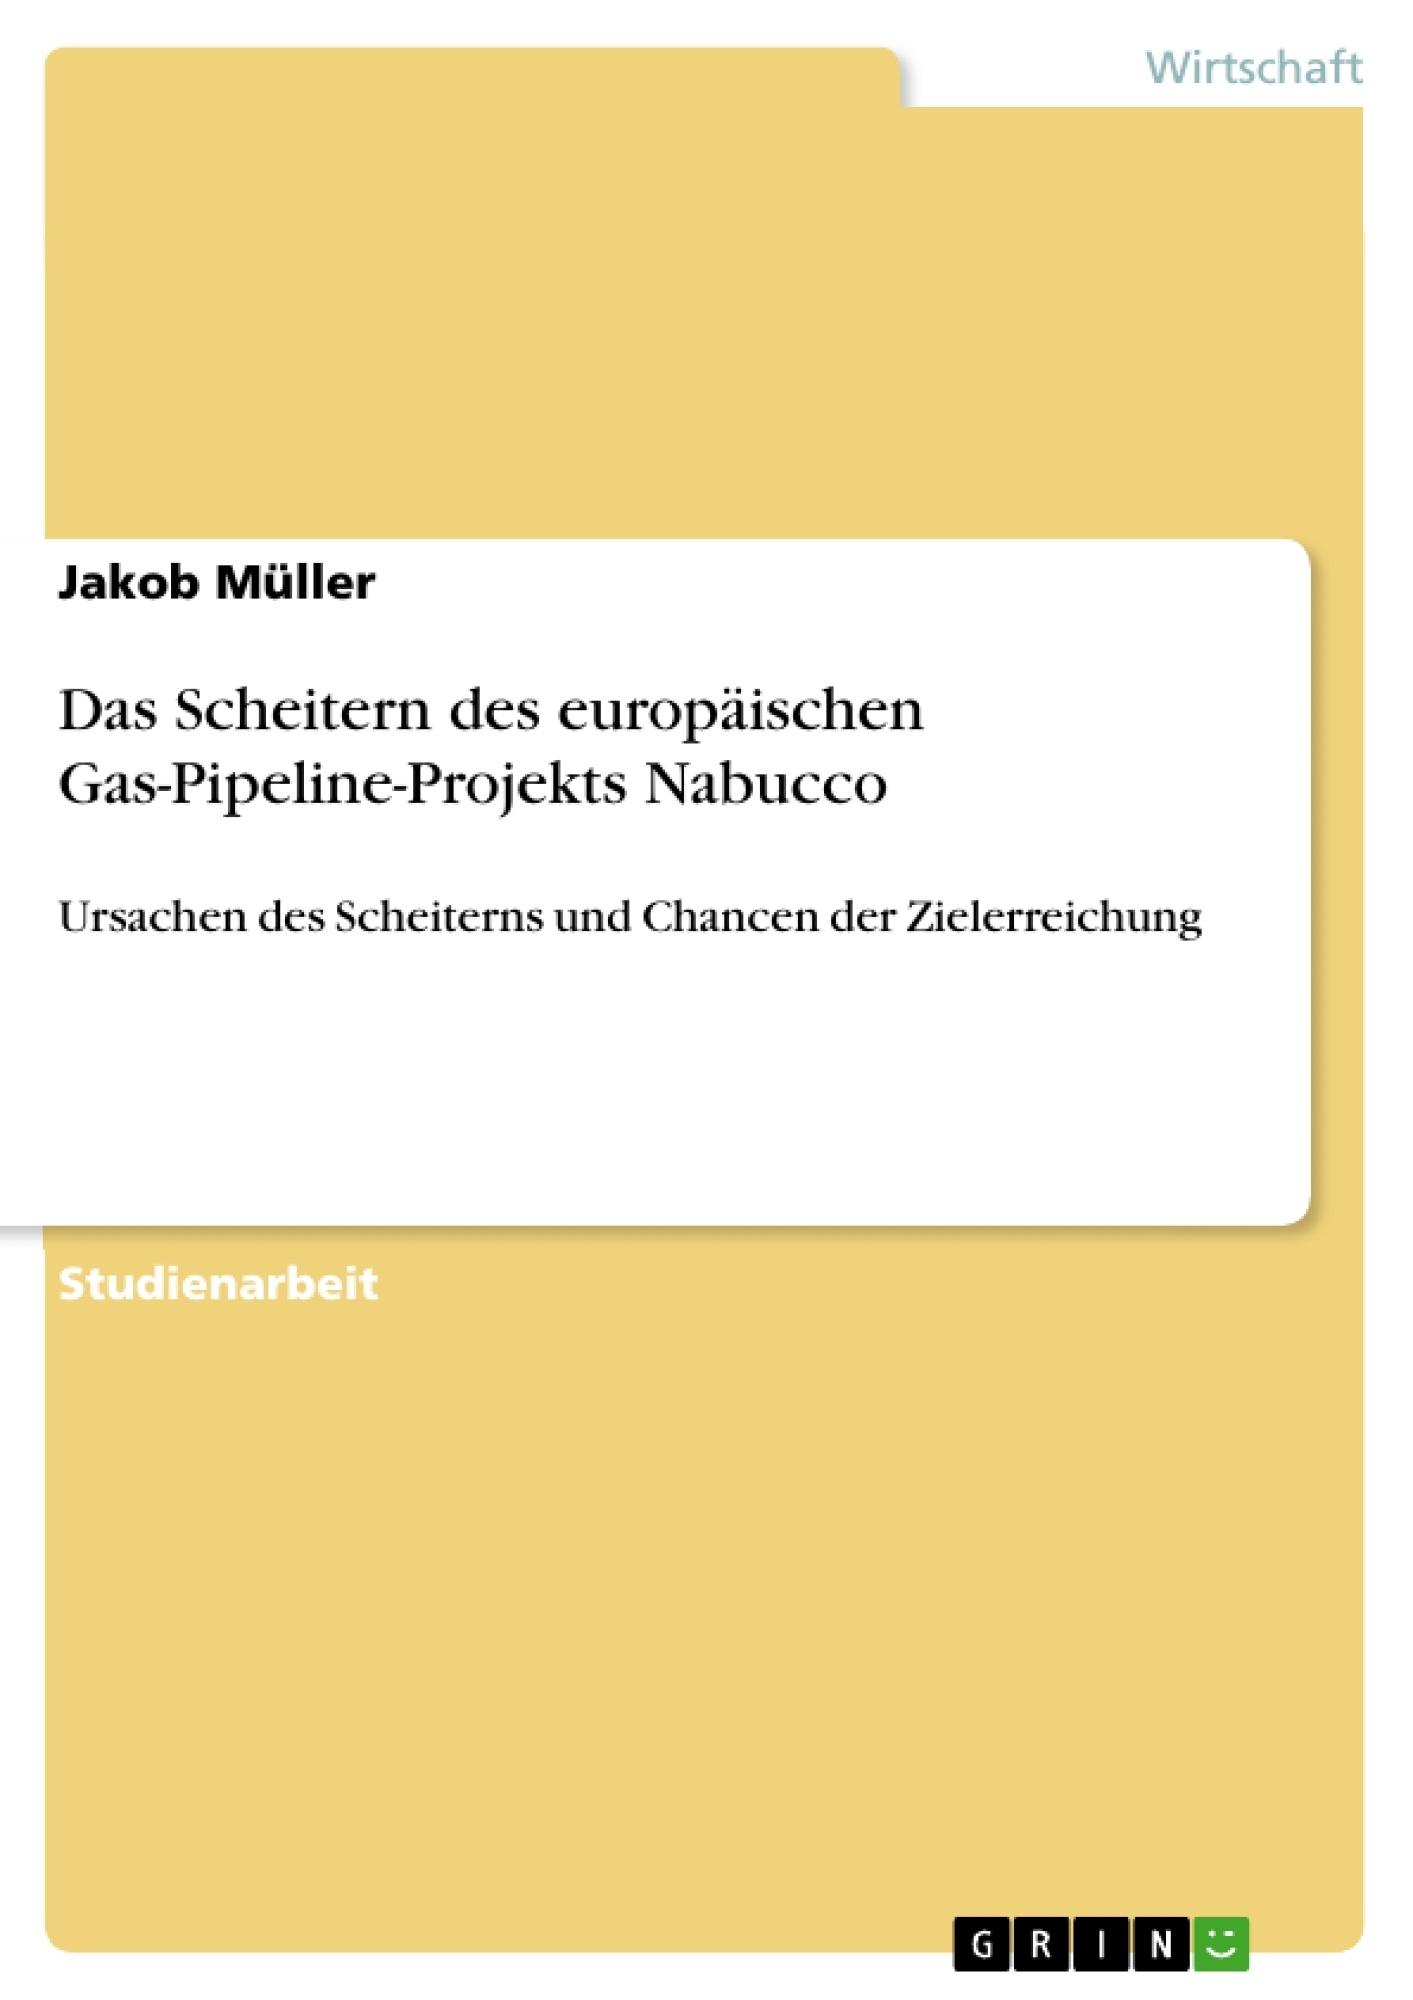 Titel: Das Scheitern des europäischen Gas-Pipeline-Projekts Nabucco